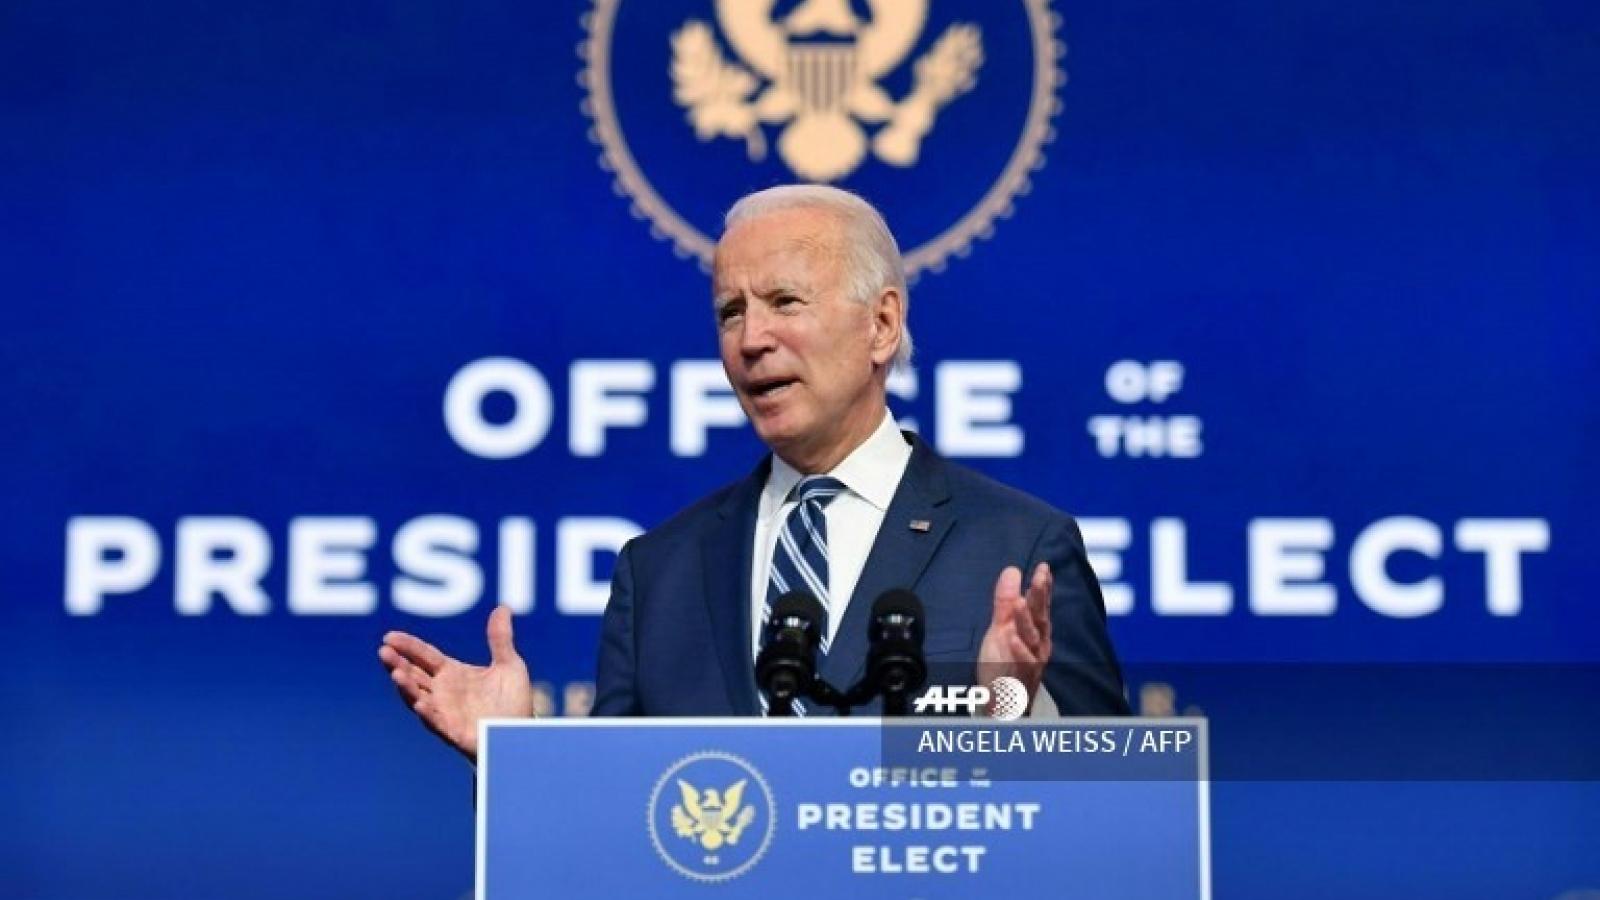 Nhà Trắng không để ông Biden tiếp cận thư tín gửi đến từ các nhà lãnh đạo quốc tế